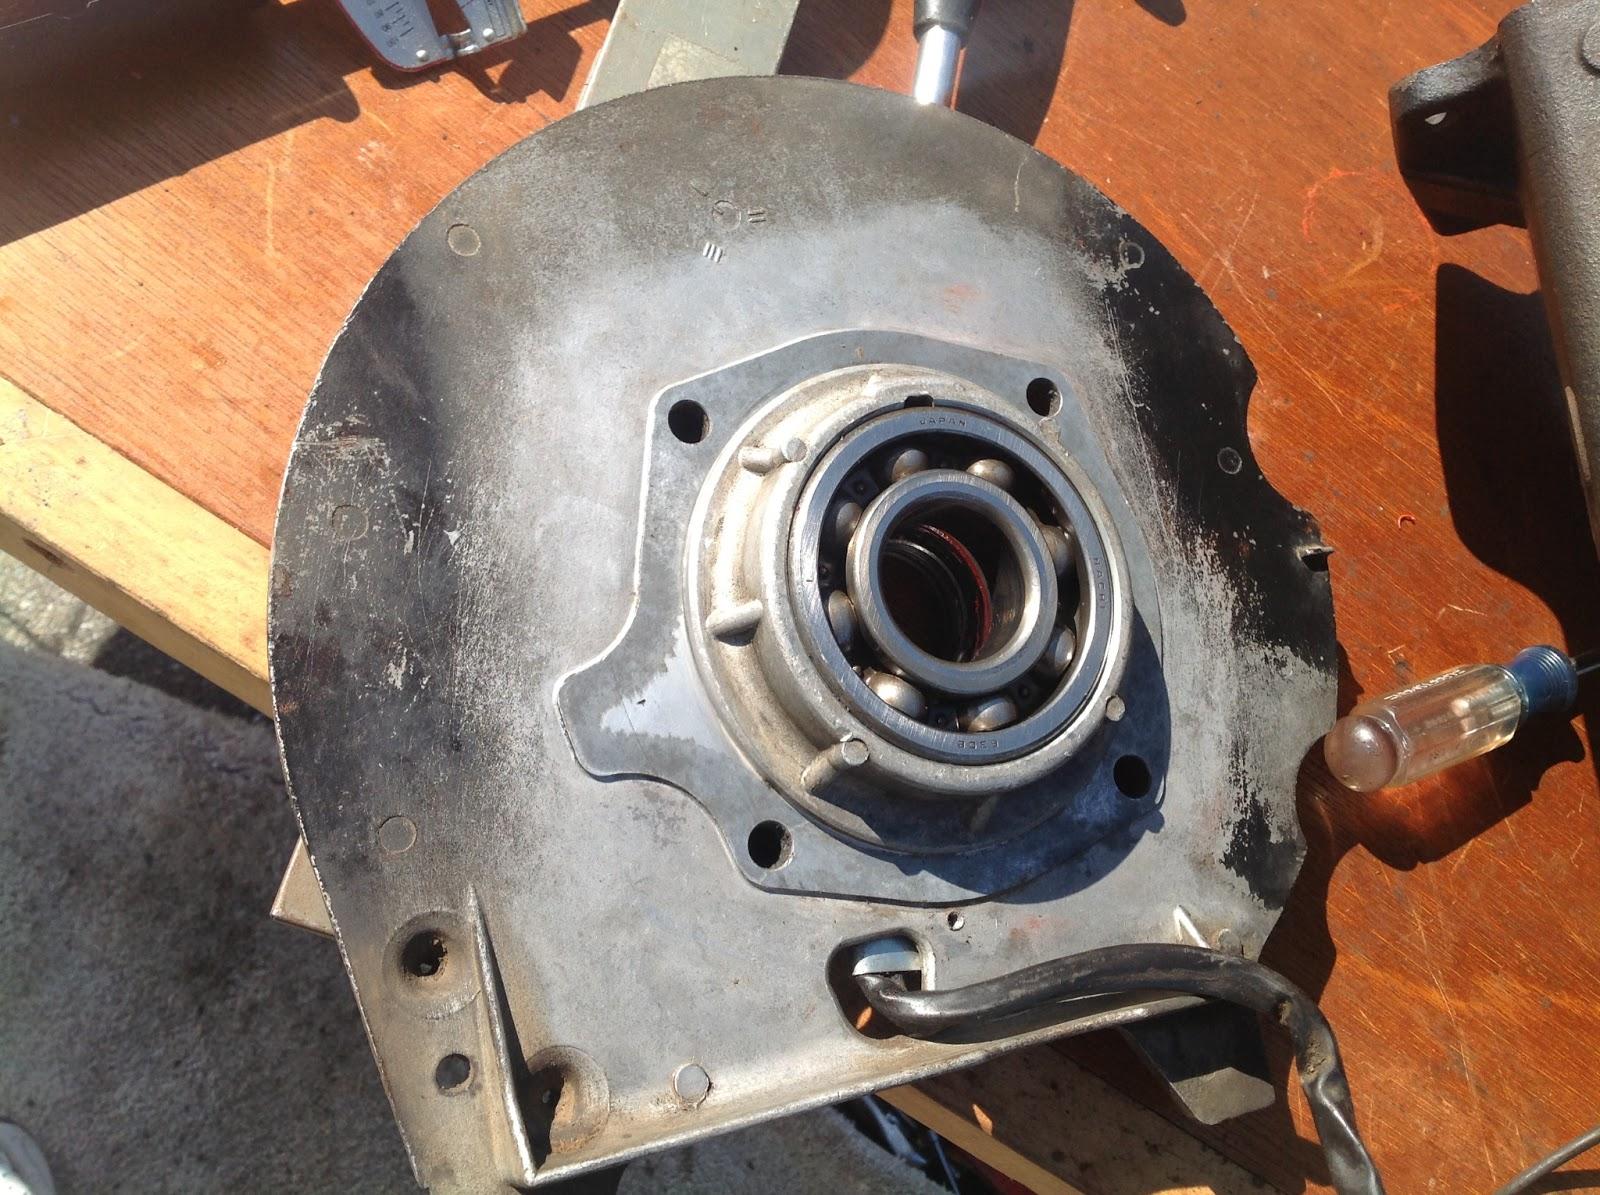 Robert's Projects: Kohler K341 Engine Overhaul